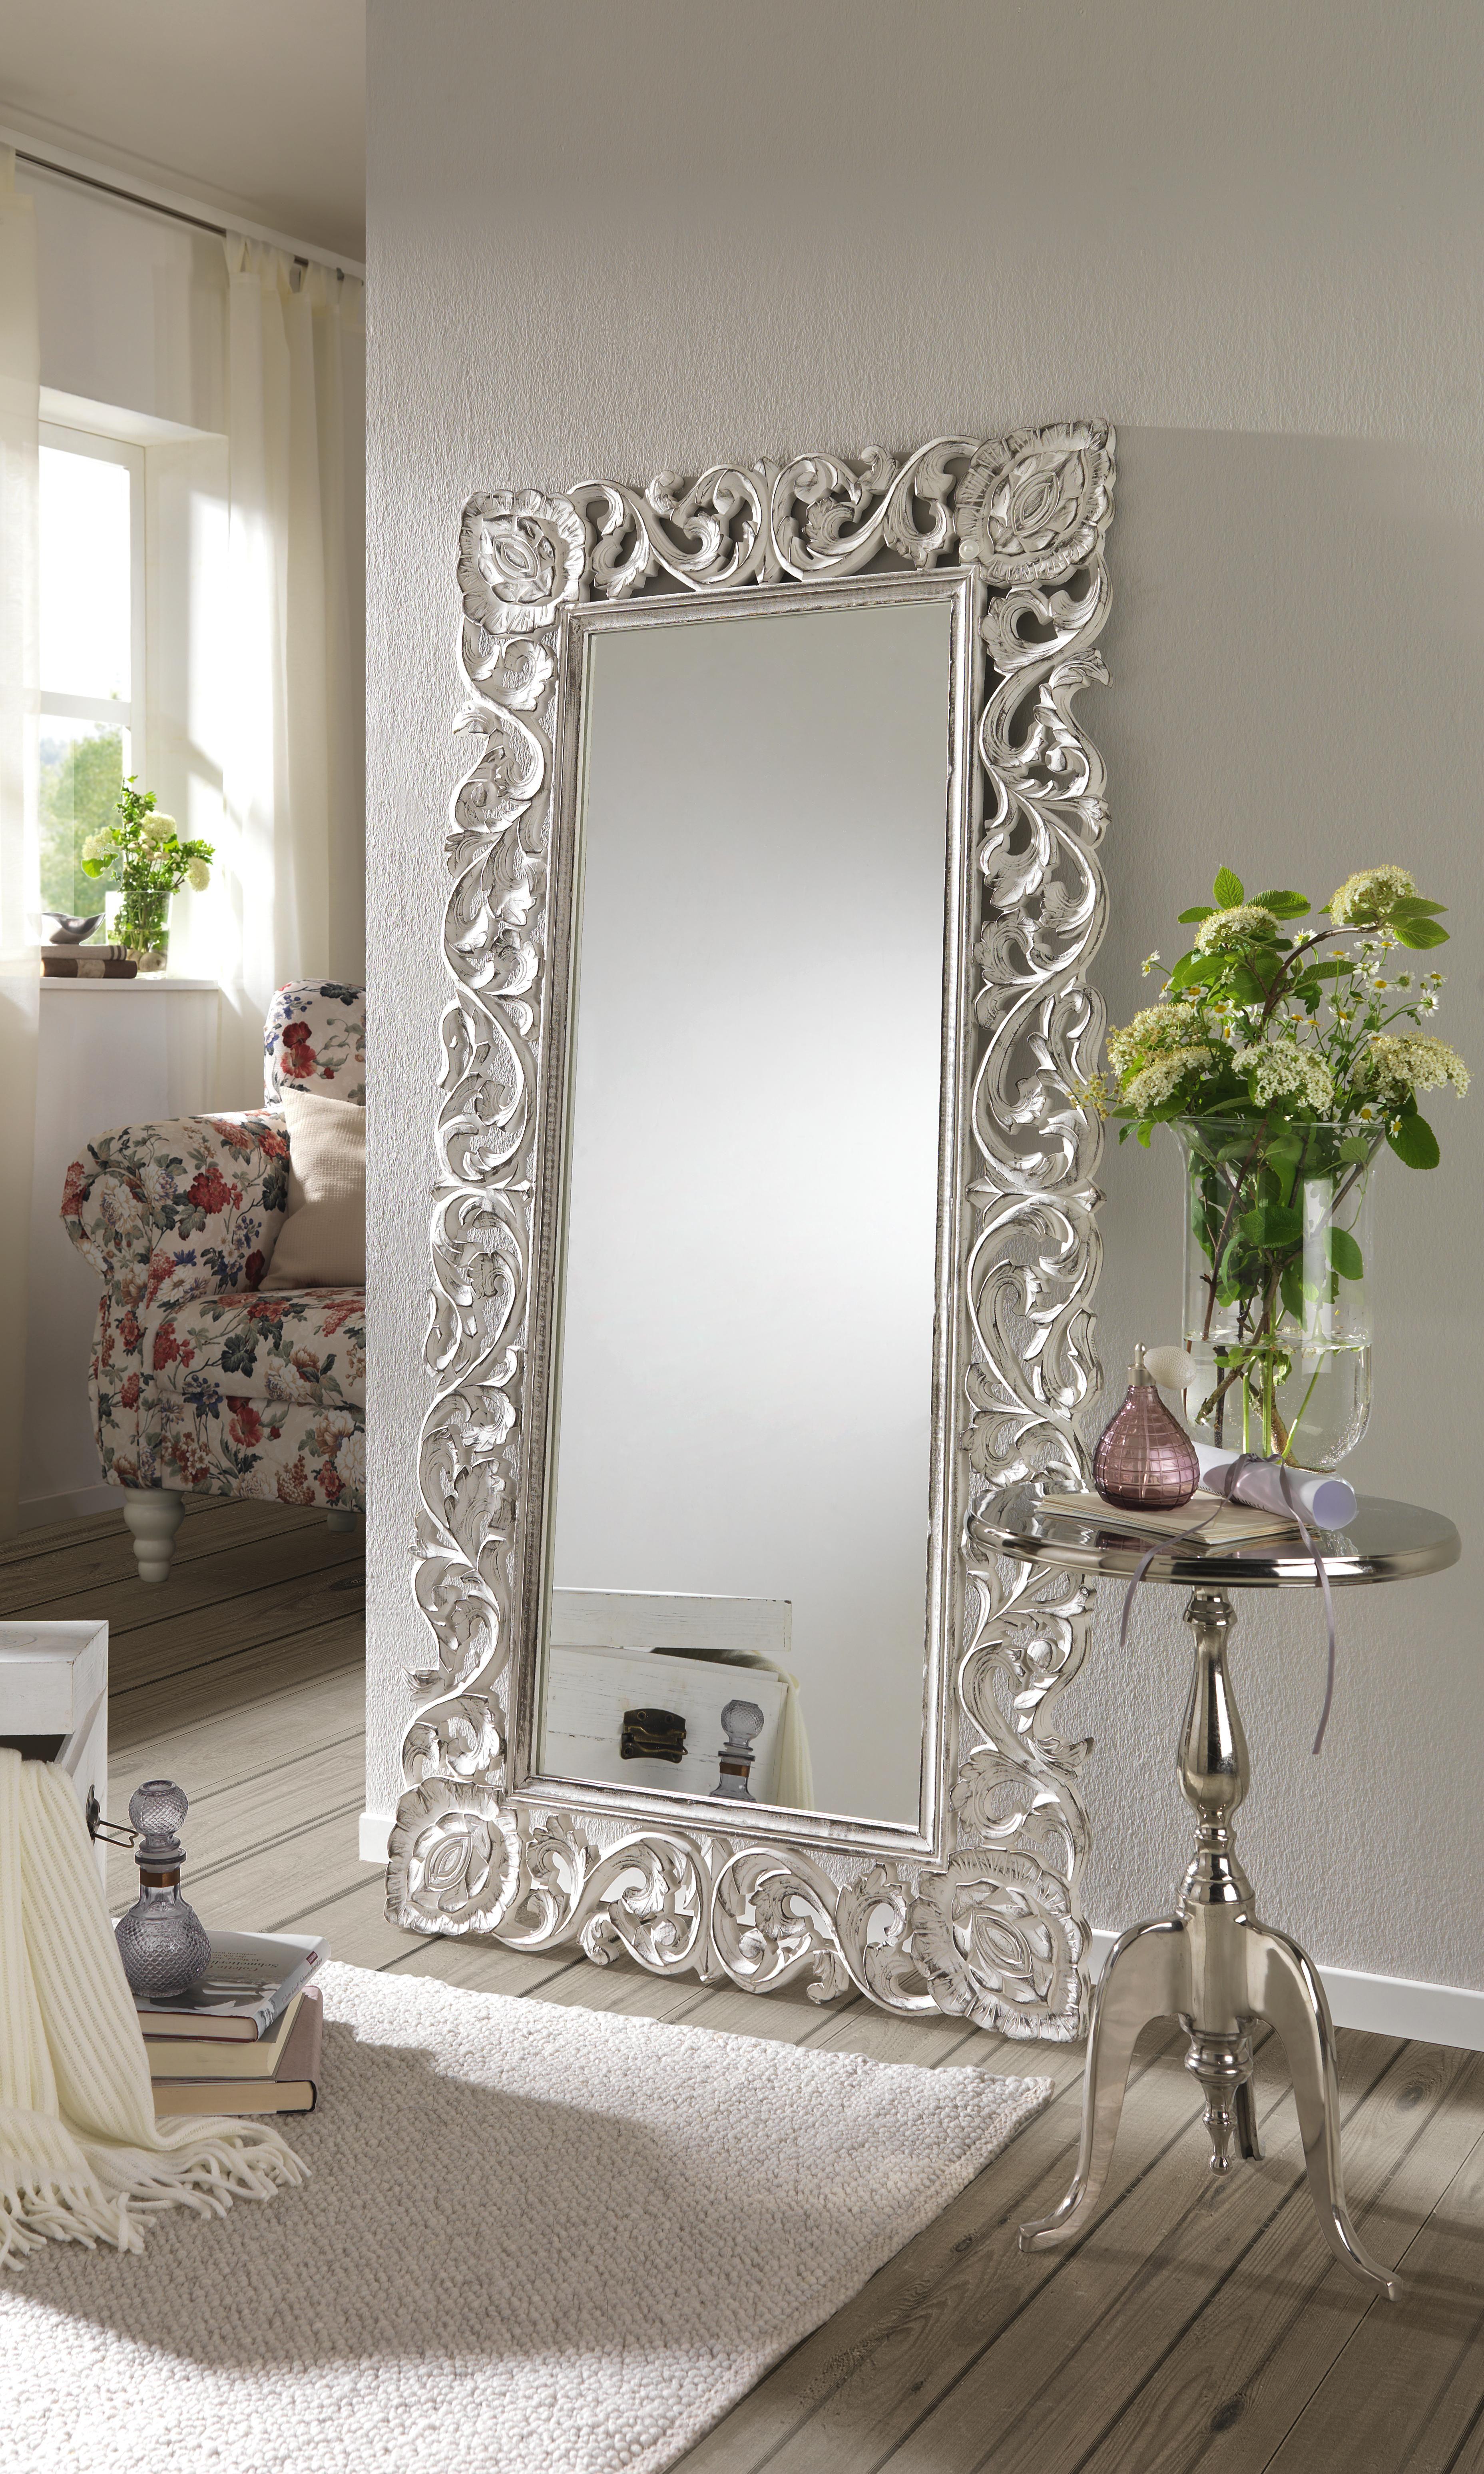 Spiegel  Wohnzimmer spiegel, Wandspiegel modern, Wandspiegel